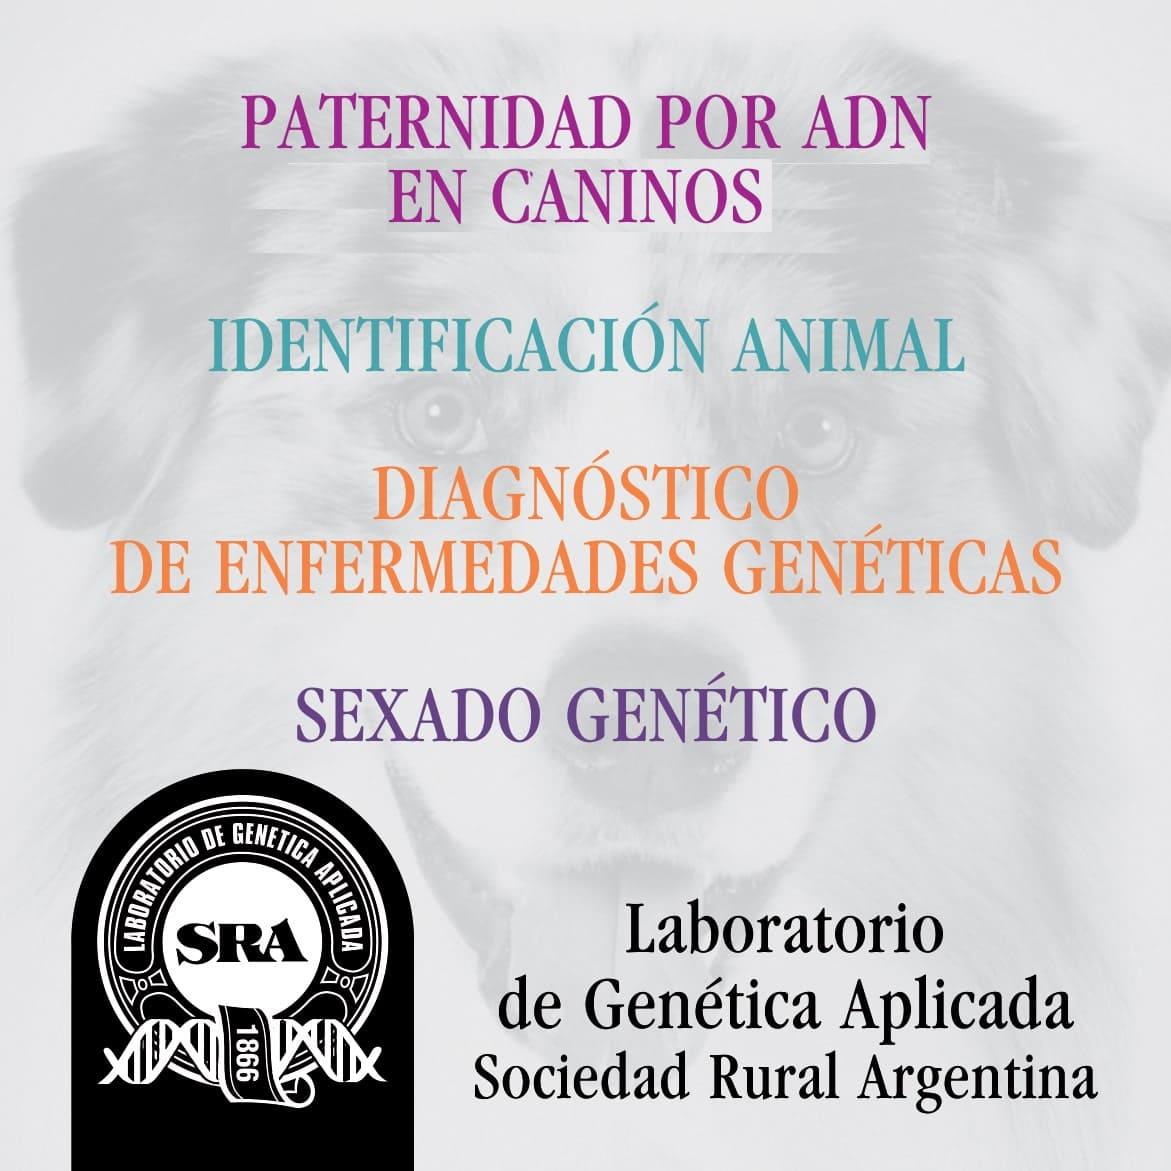 Laboratorio de Genética Aplicada Sociedad Rural Argentina